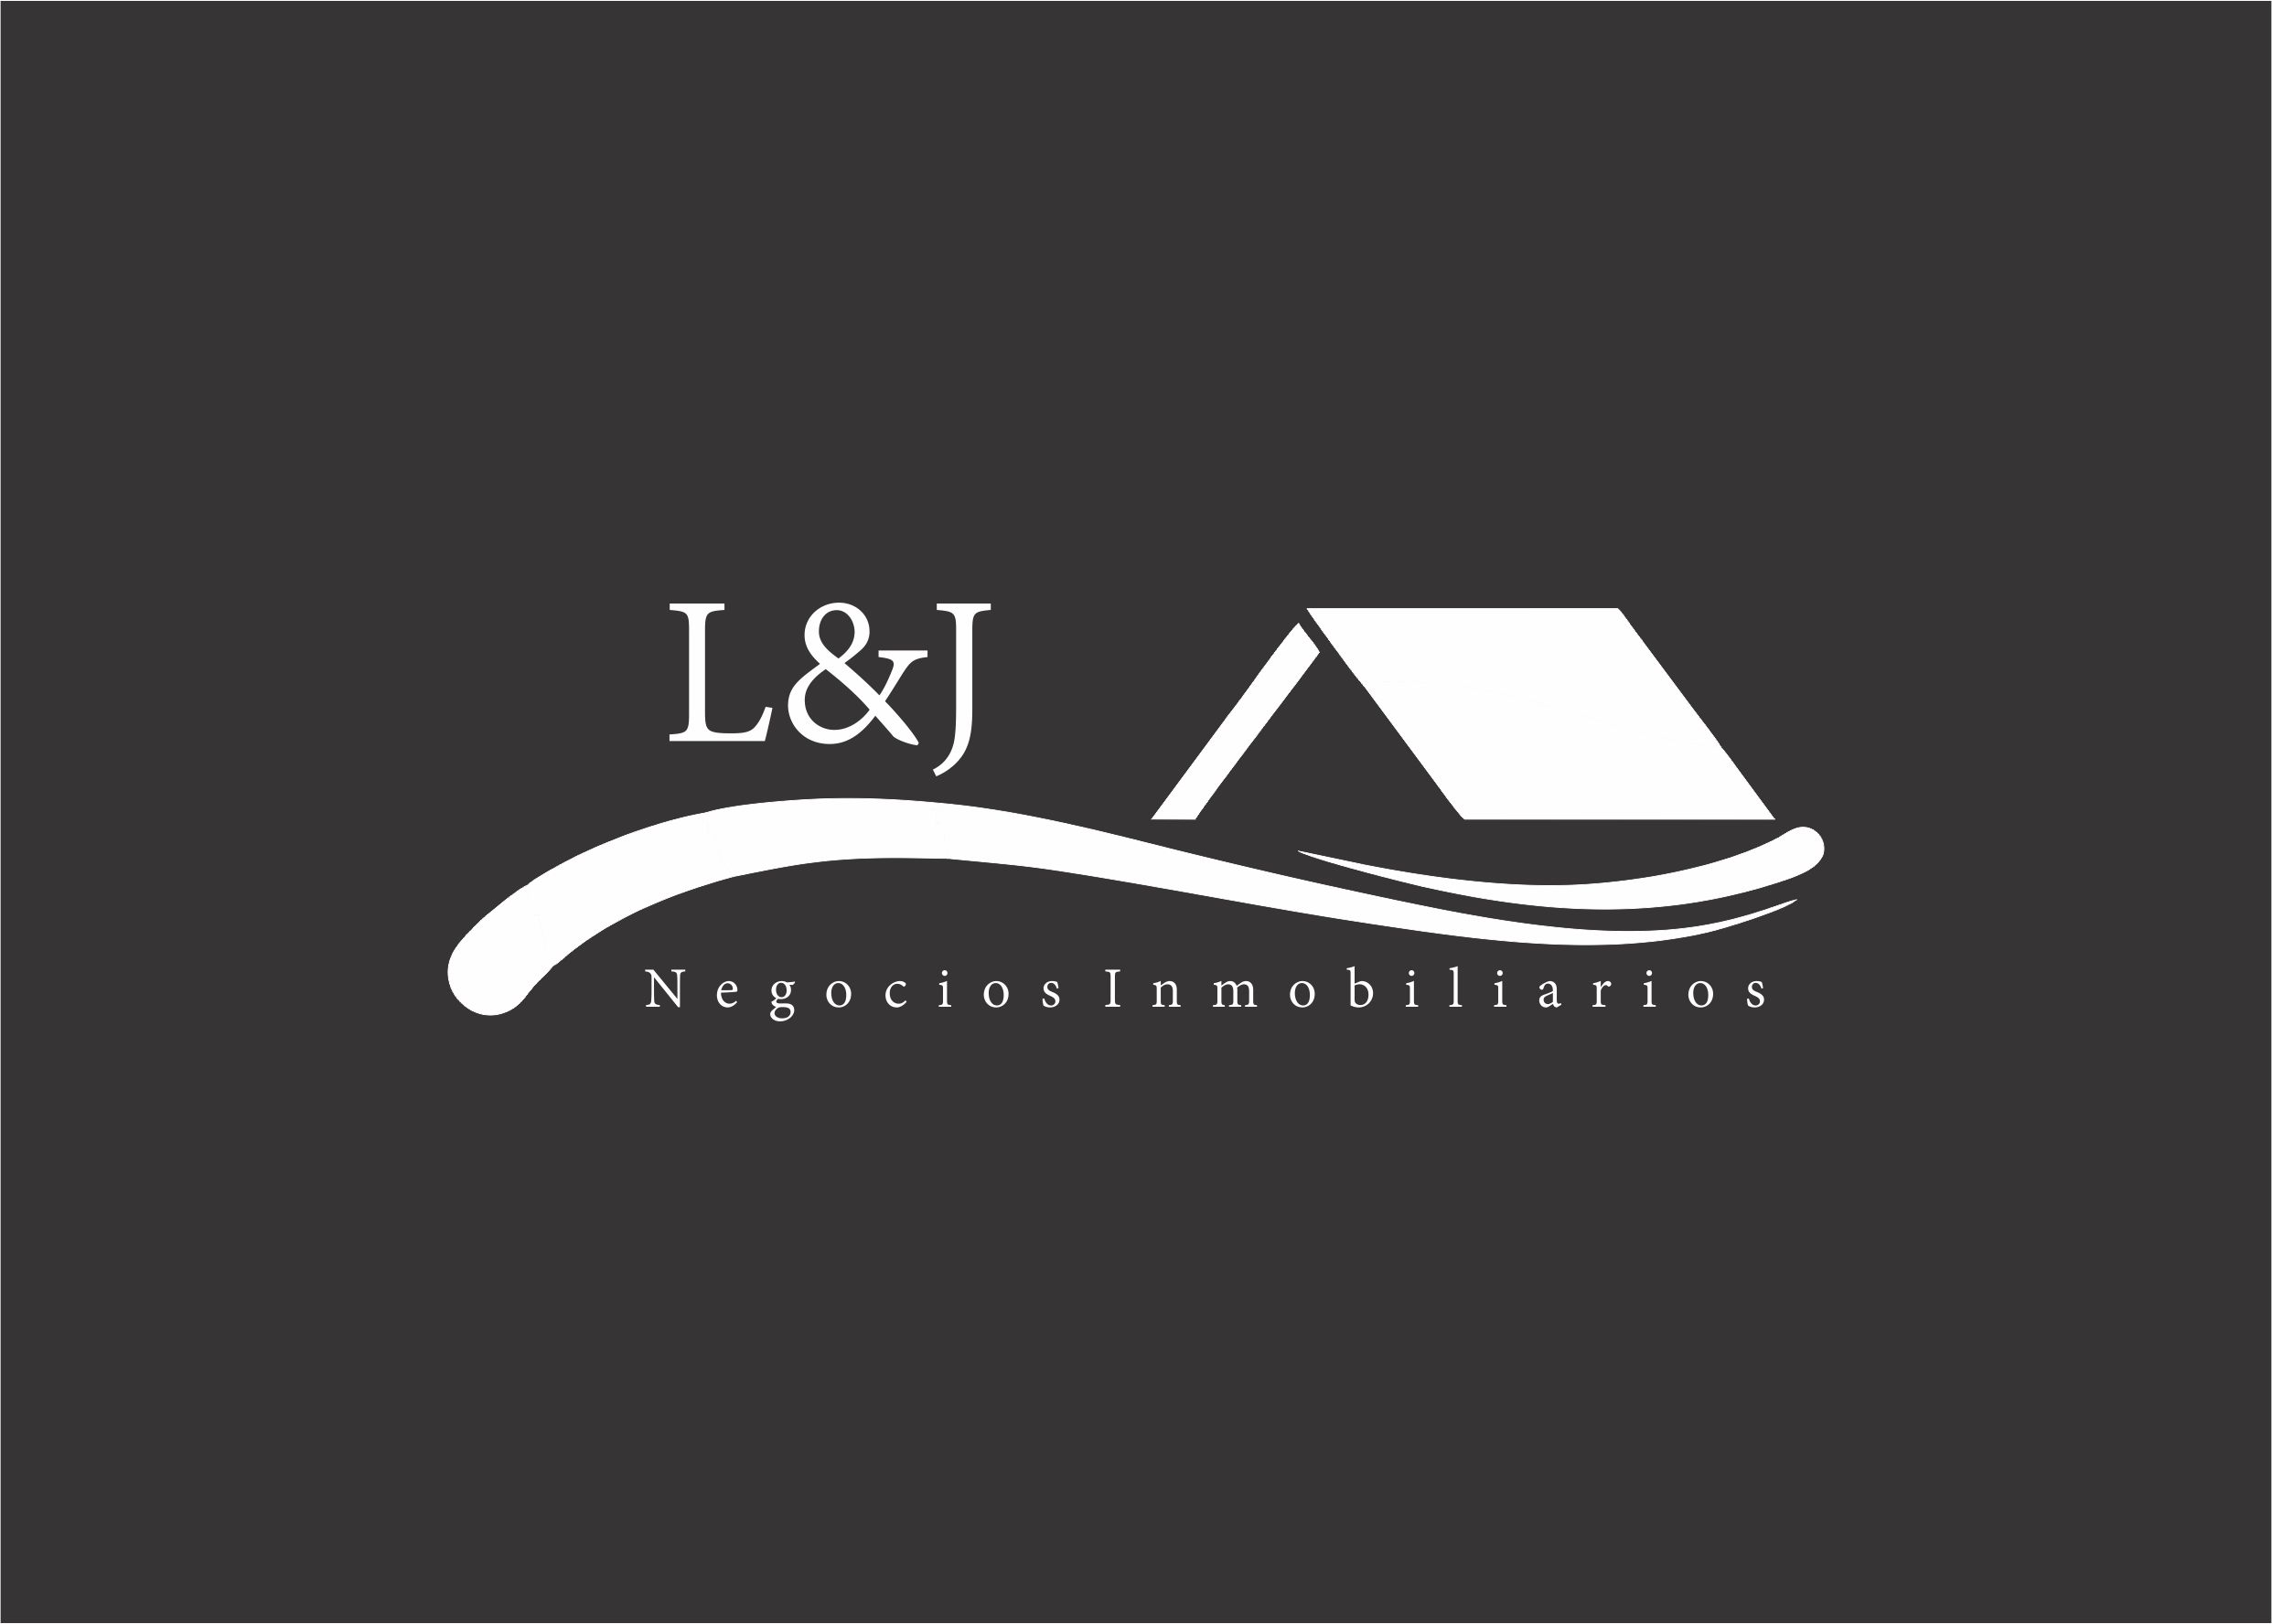 L & J Negocios Inmobiliarios